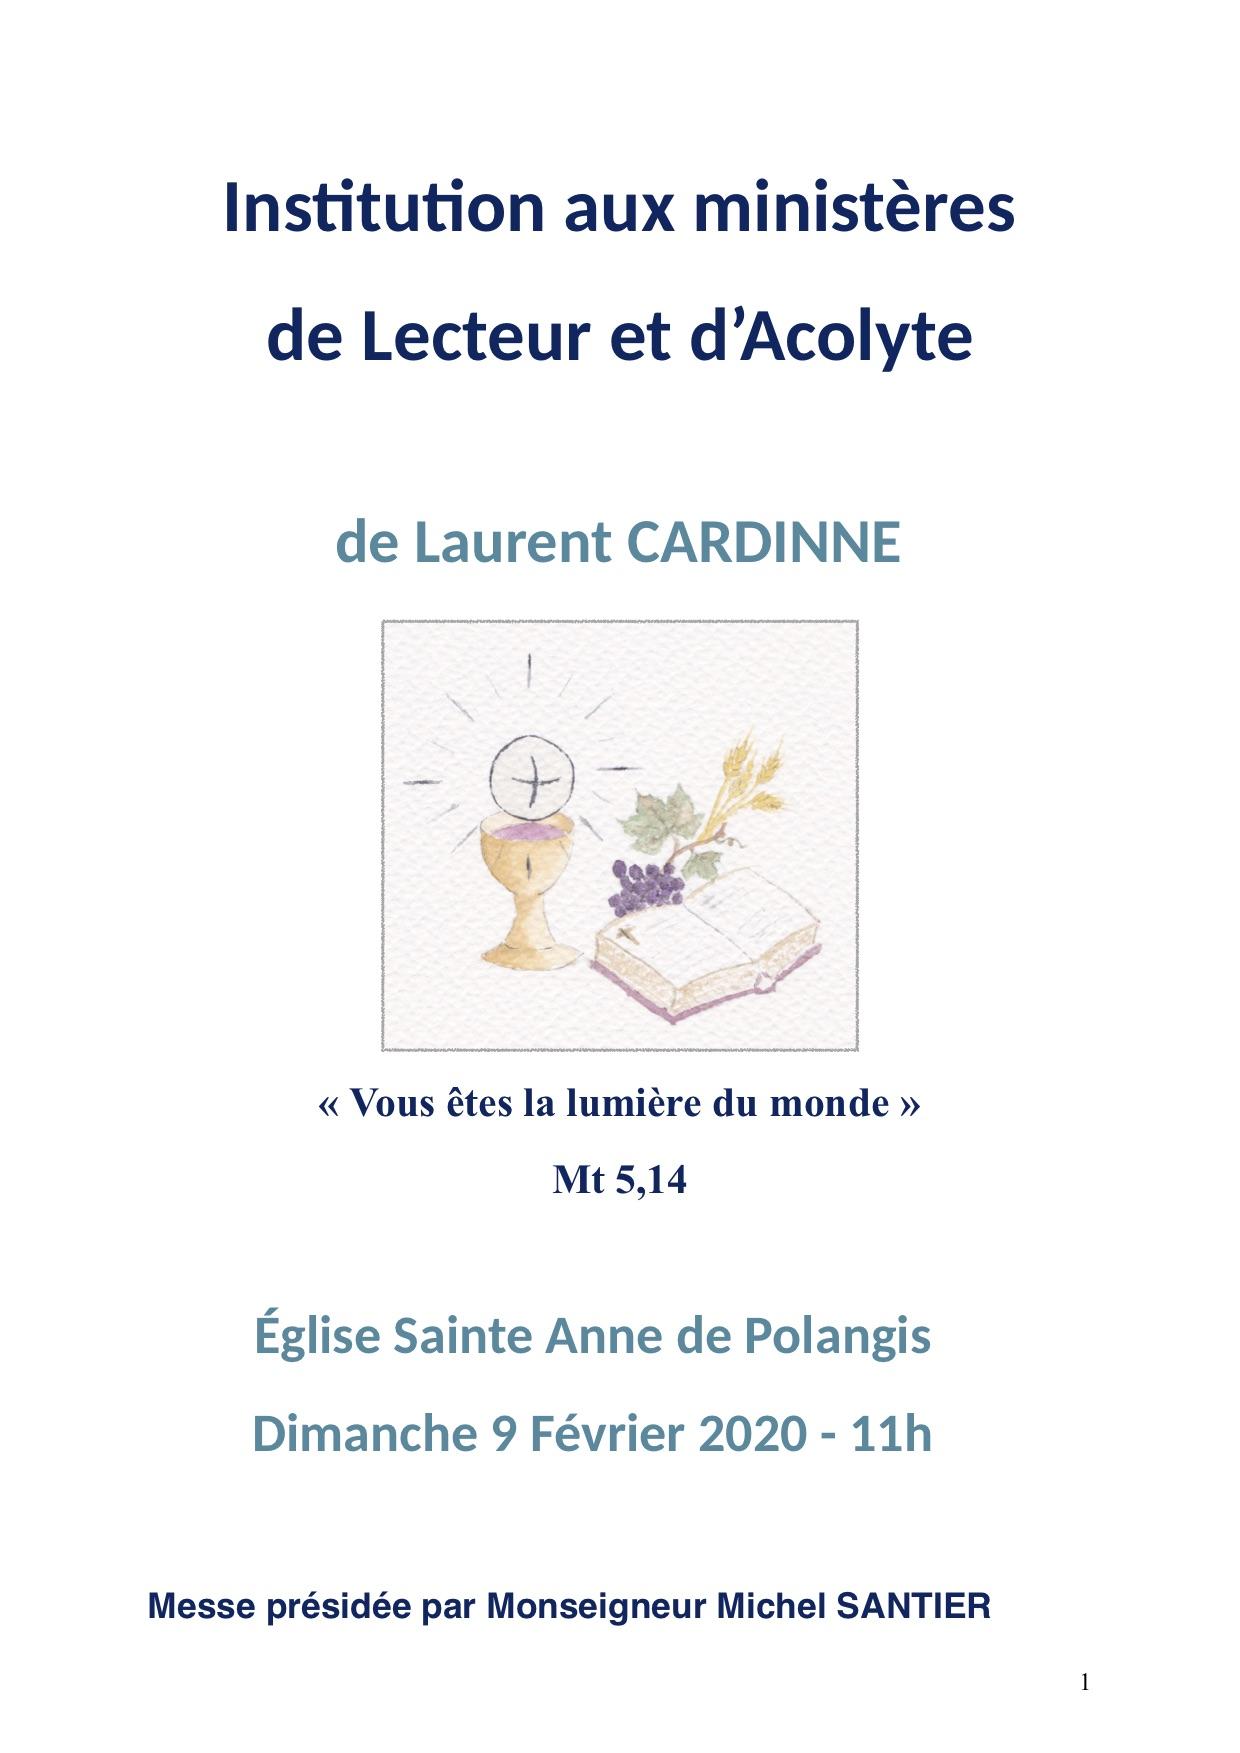 Institutions de Laurent Cardinne